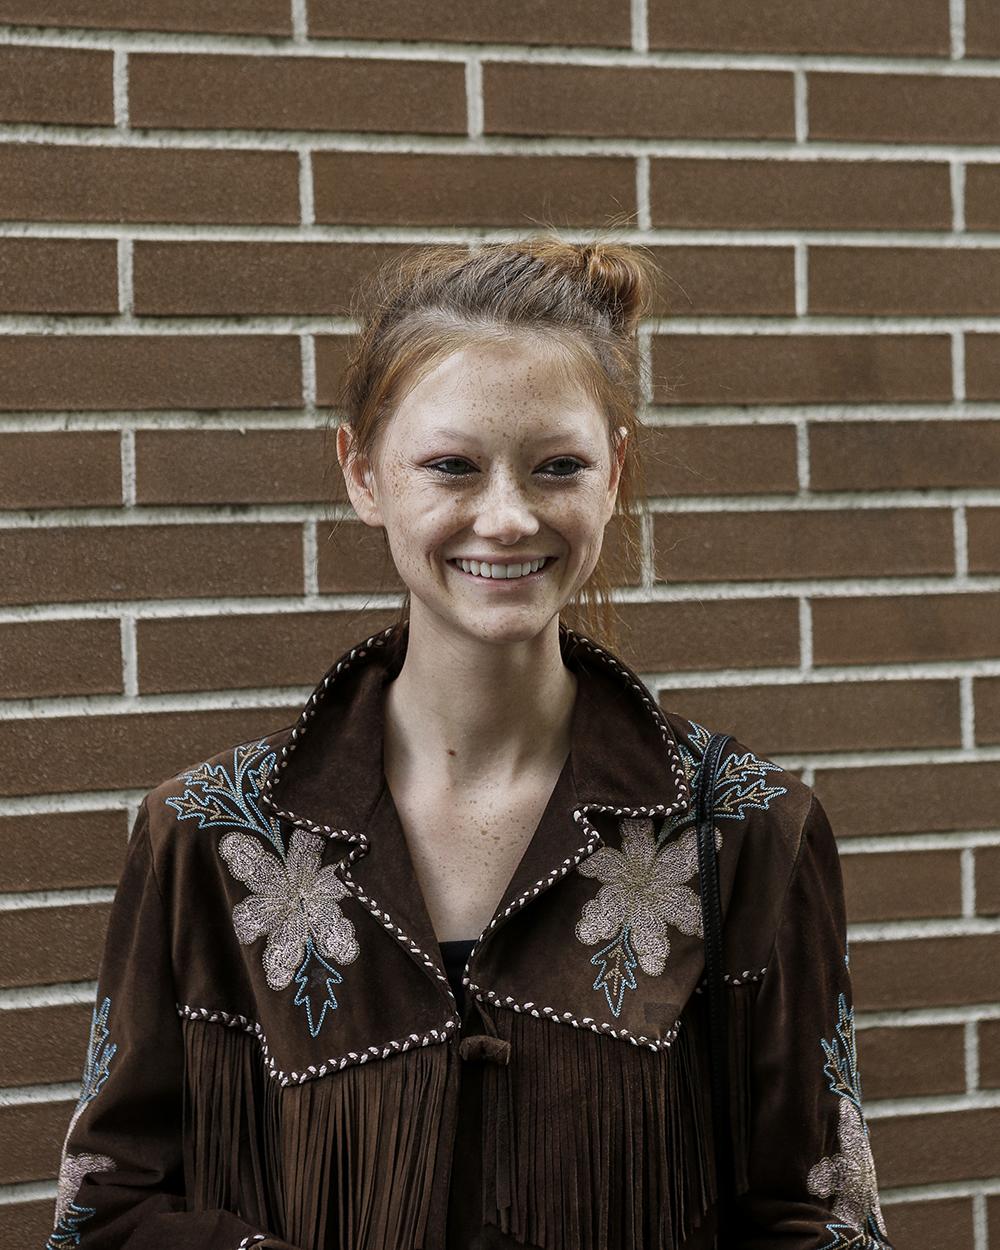 Sara Grace Wallerstedt, foto di Giorgio Leone